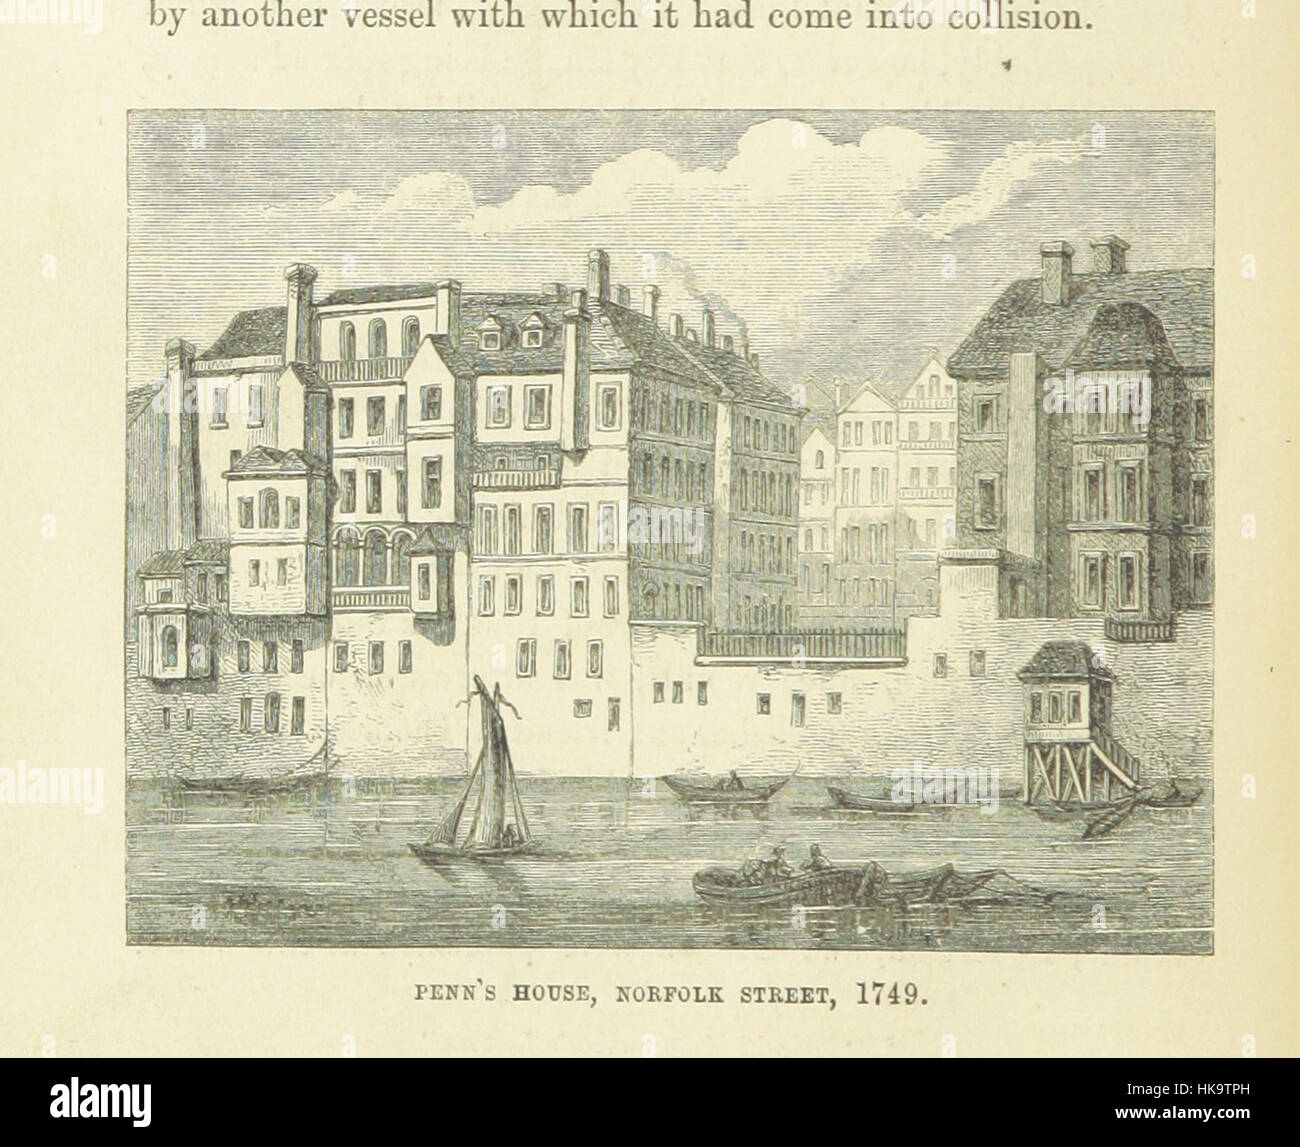 """Haunted Londres ... Ilustrado por F. W. Fairholt imagen tomada de la página 82 de """"Haunted London Imagen De Stock"""